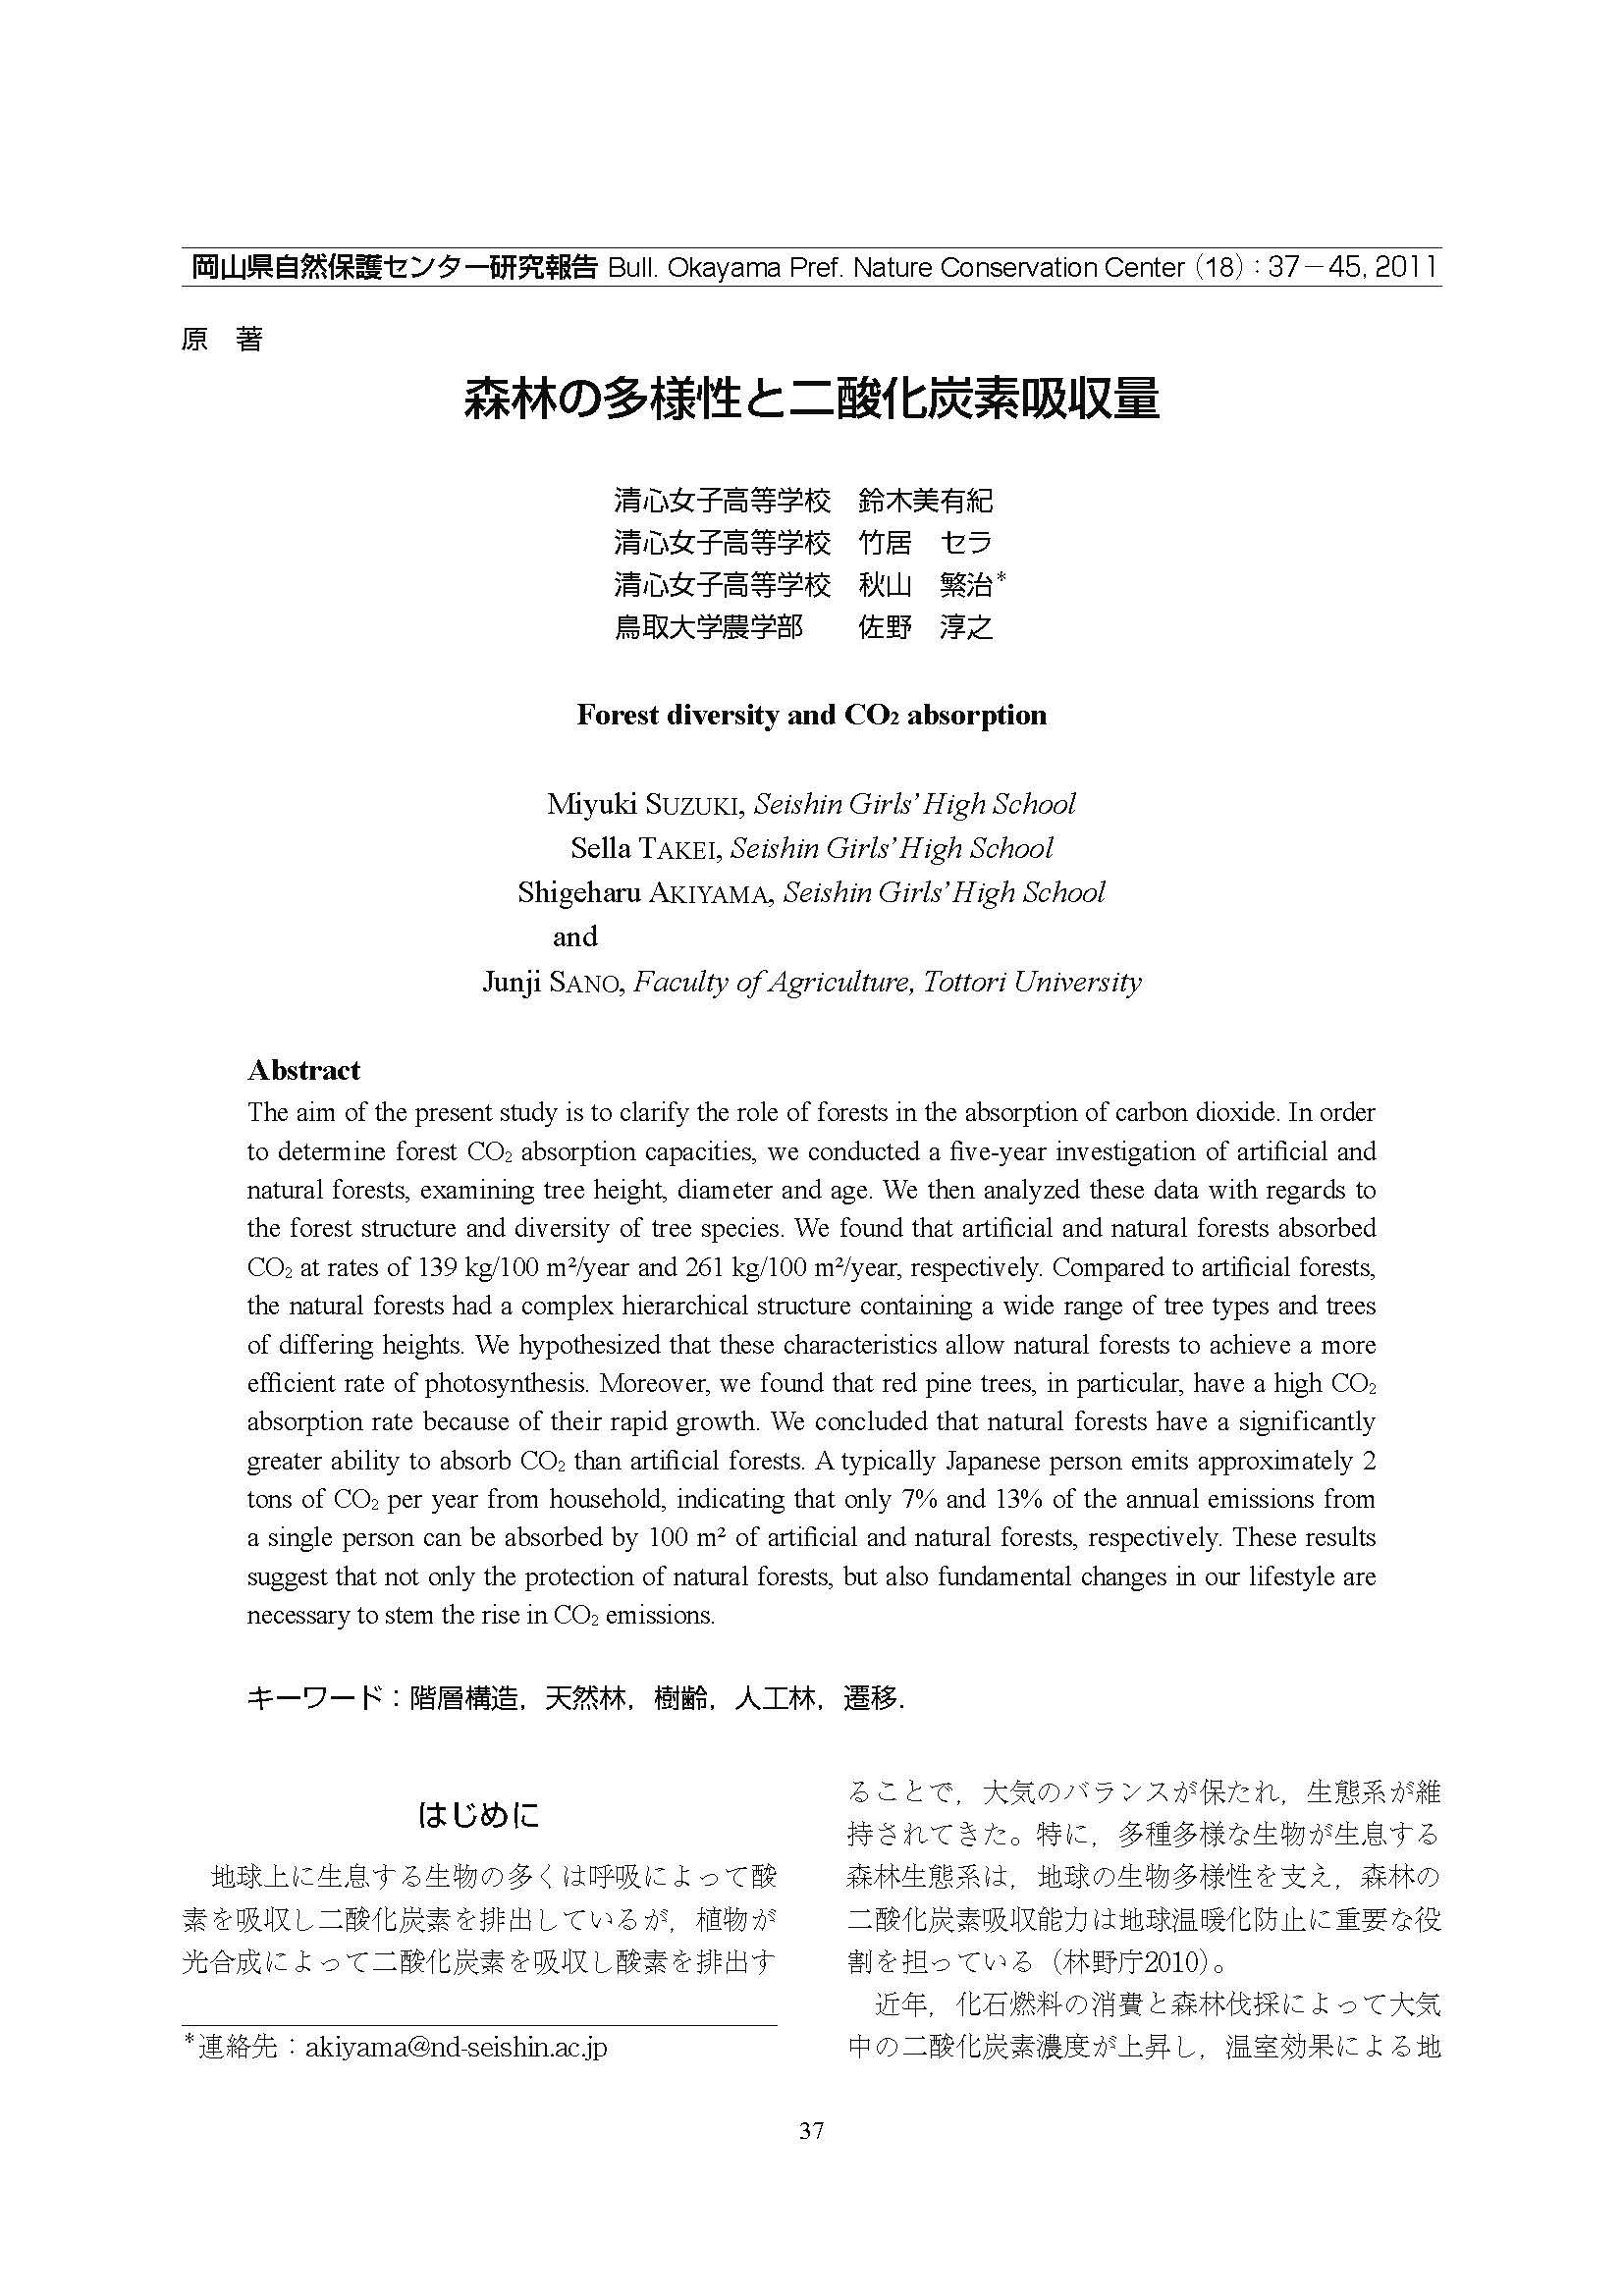 論文「科学課題研究」を中心に据えた女子の理系進学支援教育プログラムの開発(11)「自然探究Ⅰ」からの課題研究